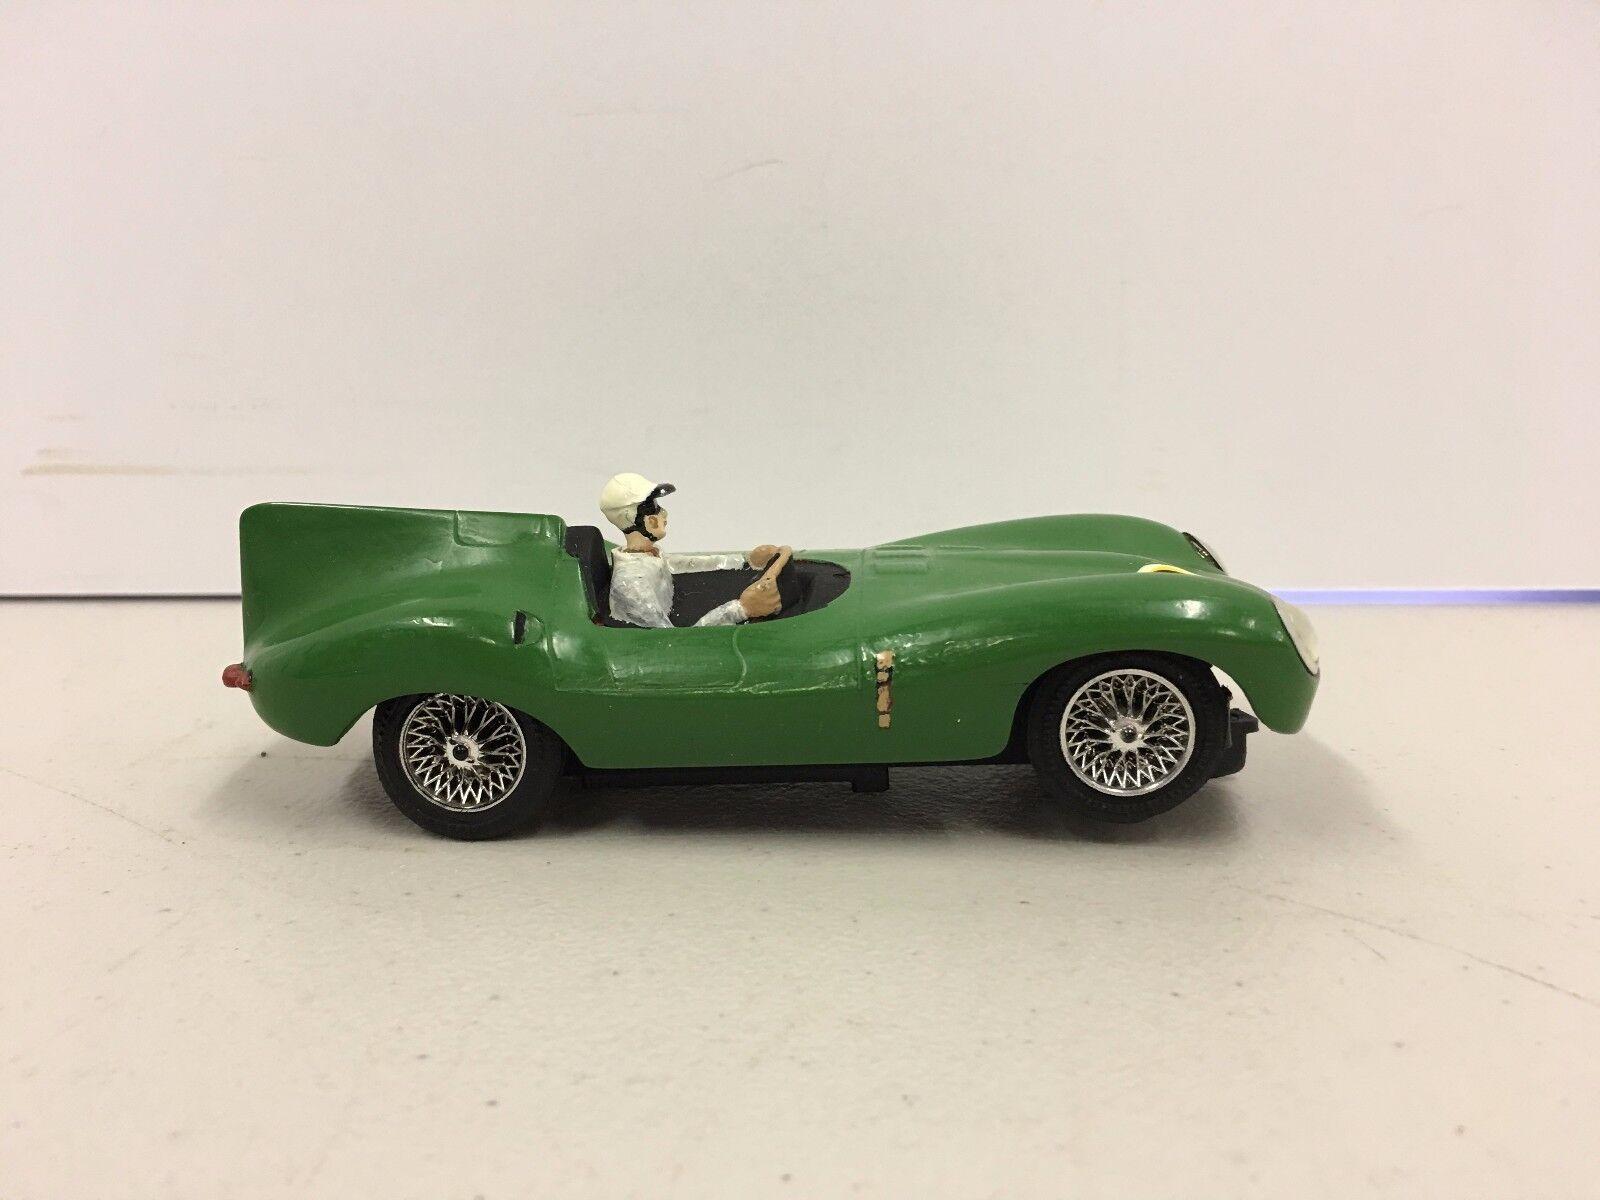 Vintage 1 24 1 24 scale slot car main droite conducteur